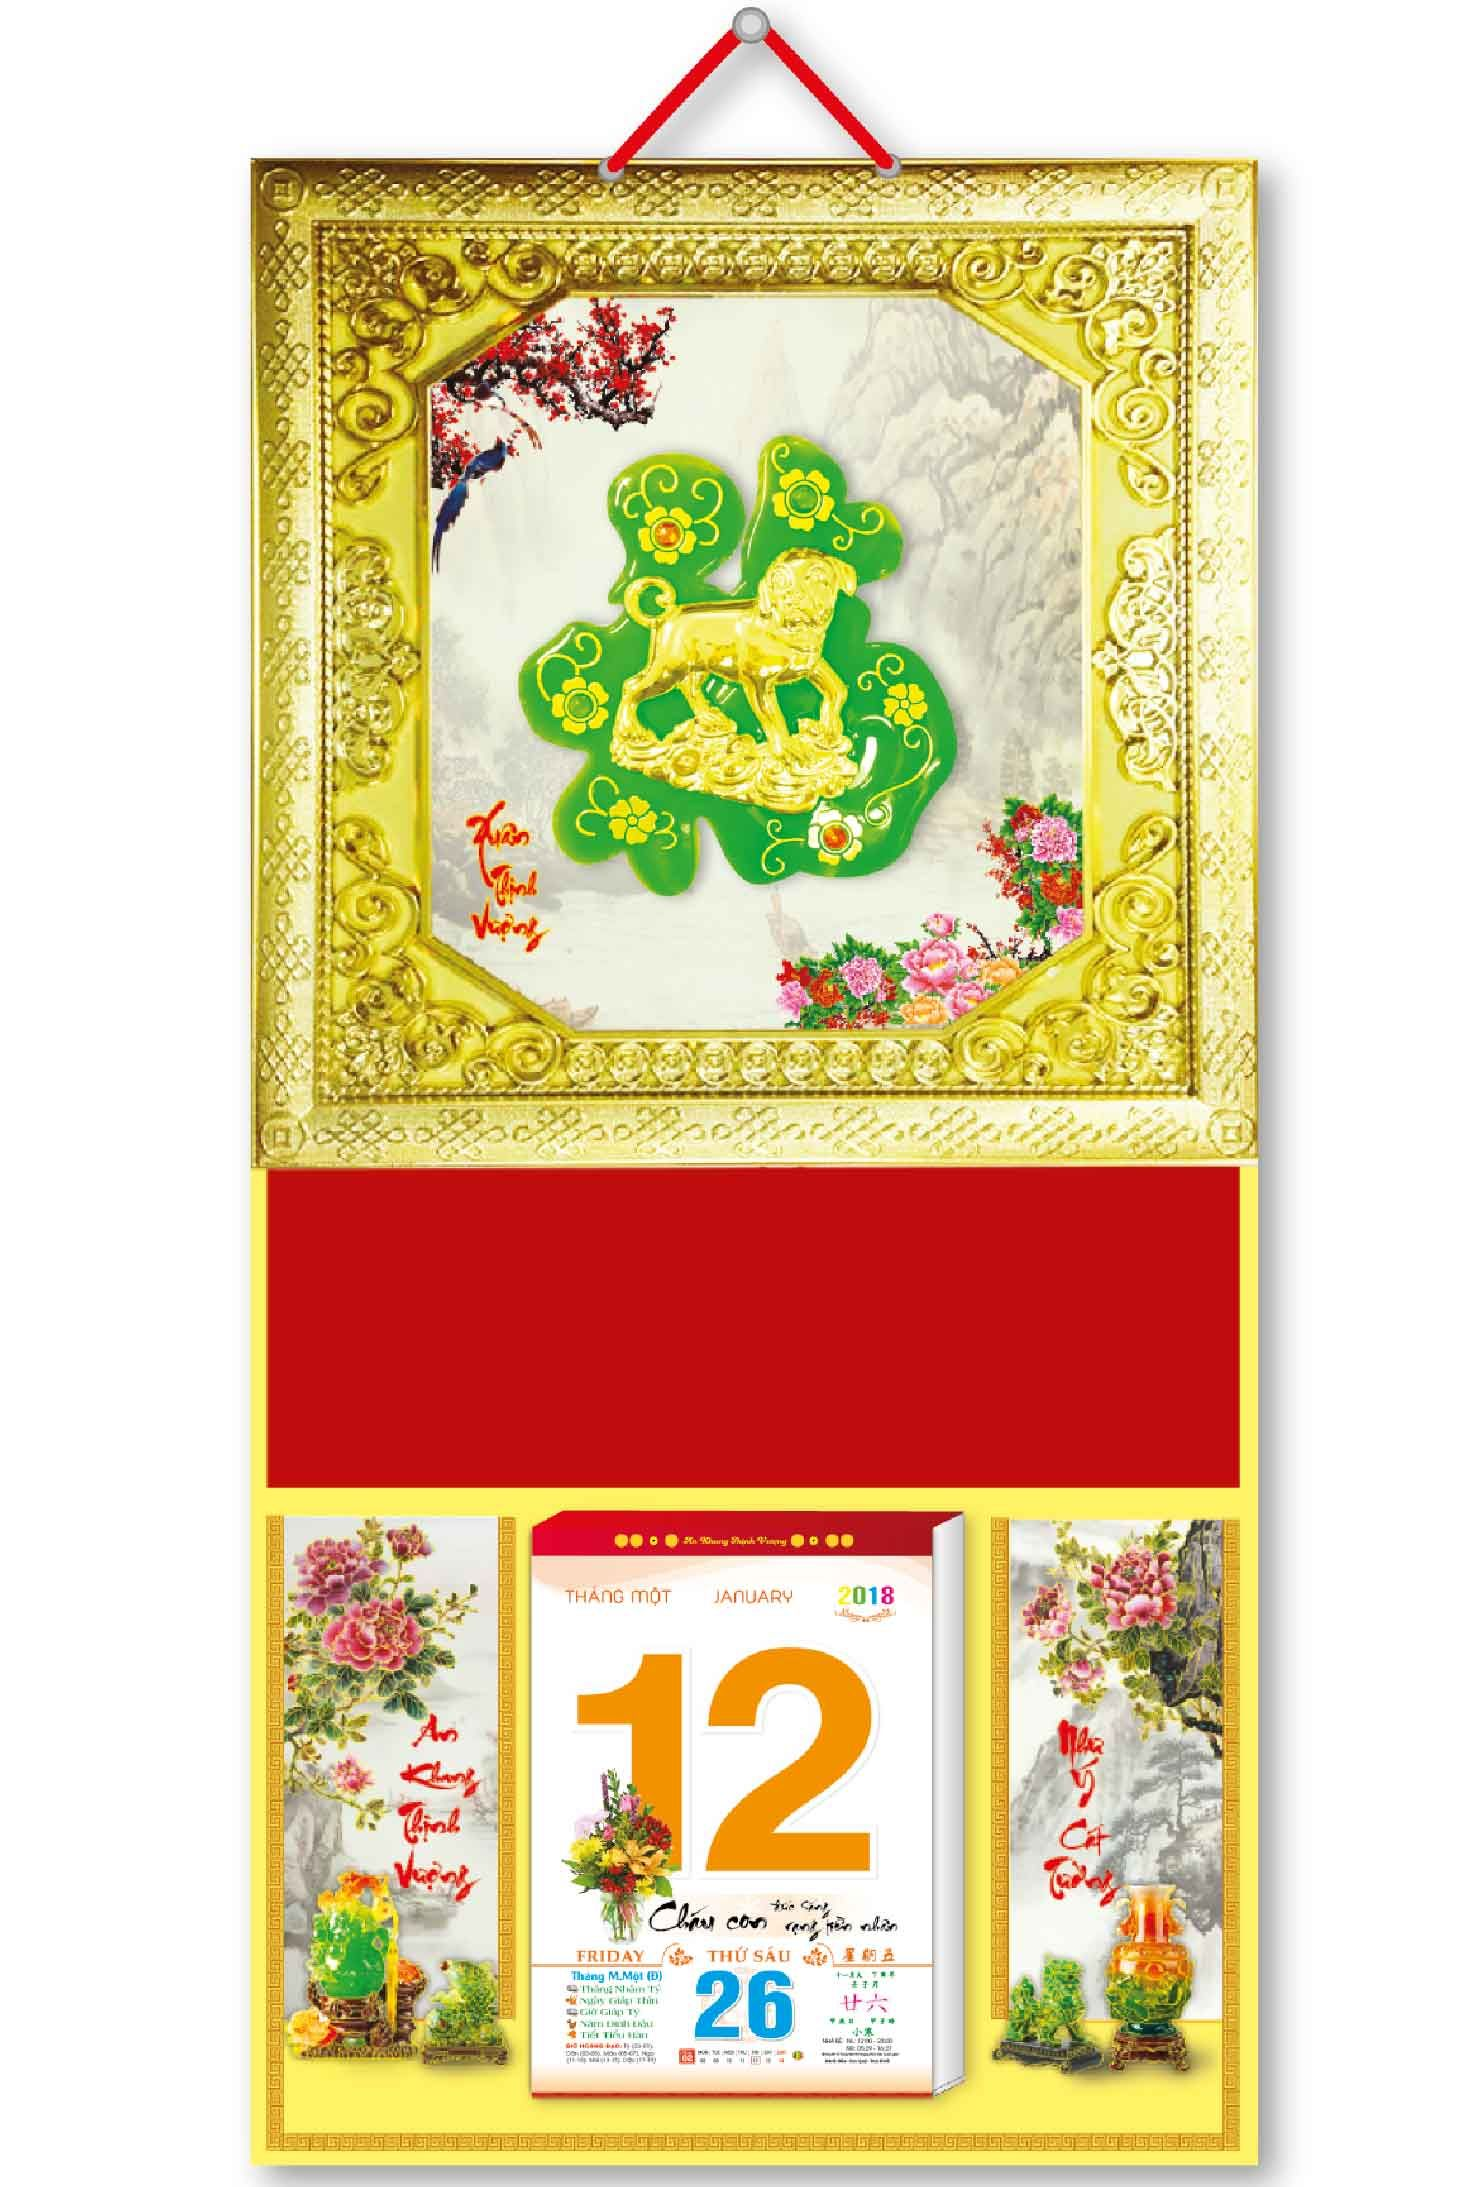 KV54 - Bìa Treo Lịch Da Simili Dán Chữ Nổi (35 x 70cm) - Khung vàng, Dán Chó Mạ Vàng - EBOOK/PDF/PRC/EPUB